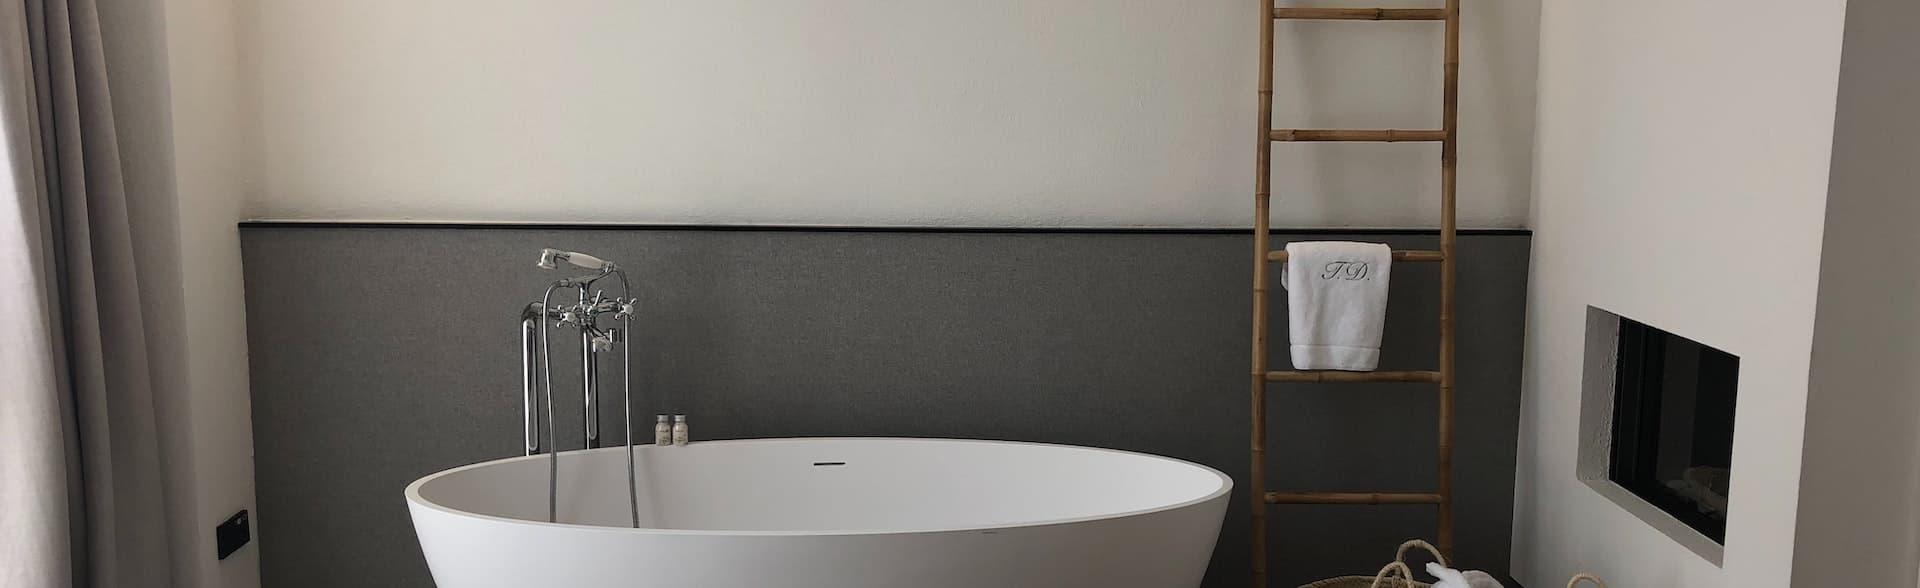 Handtuchhalter aus Bambus für das badezimmer